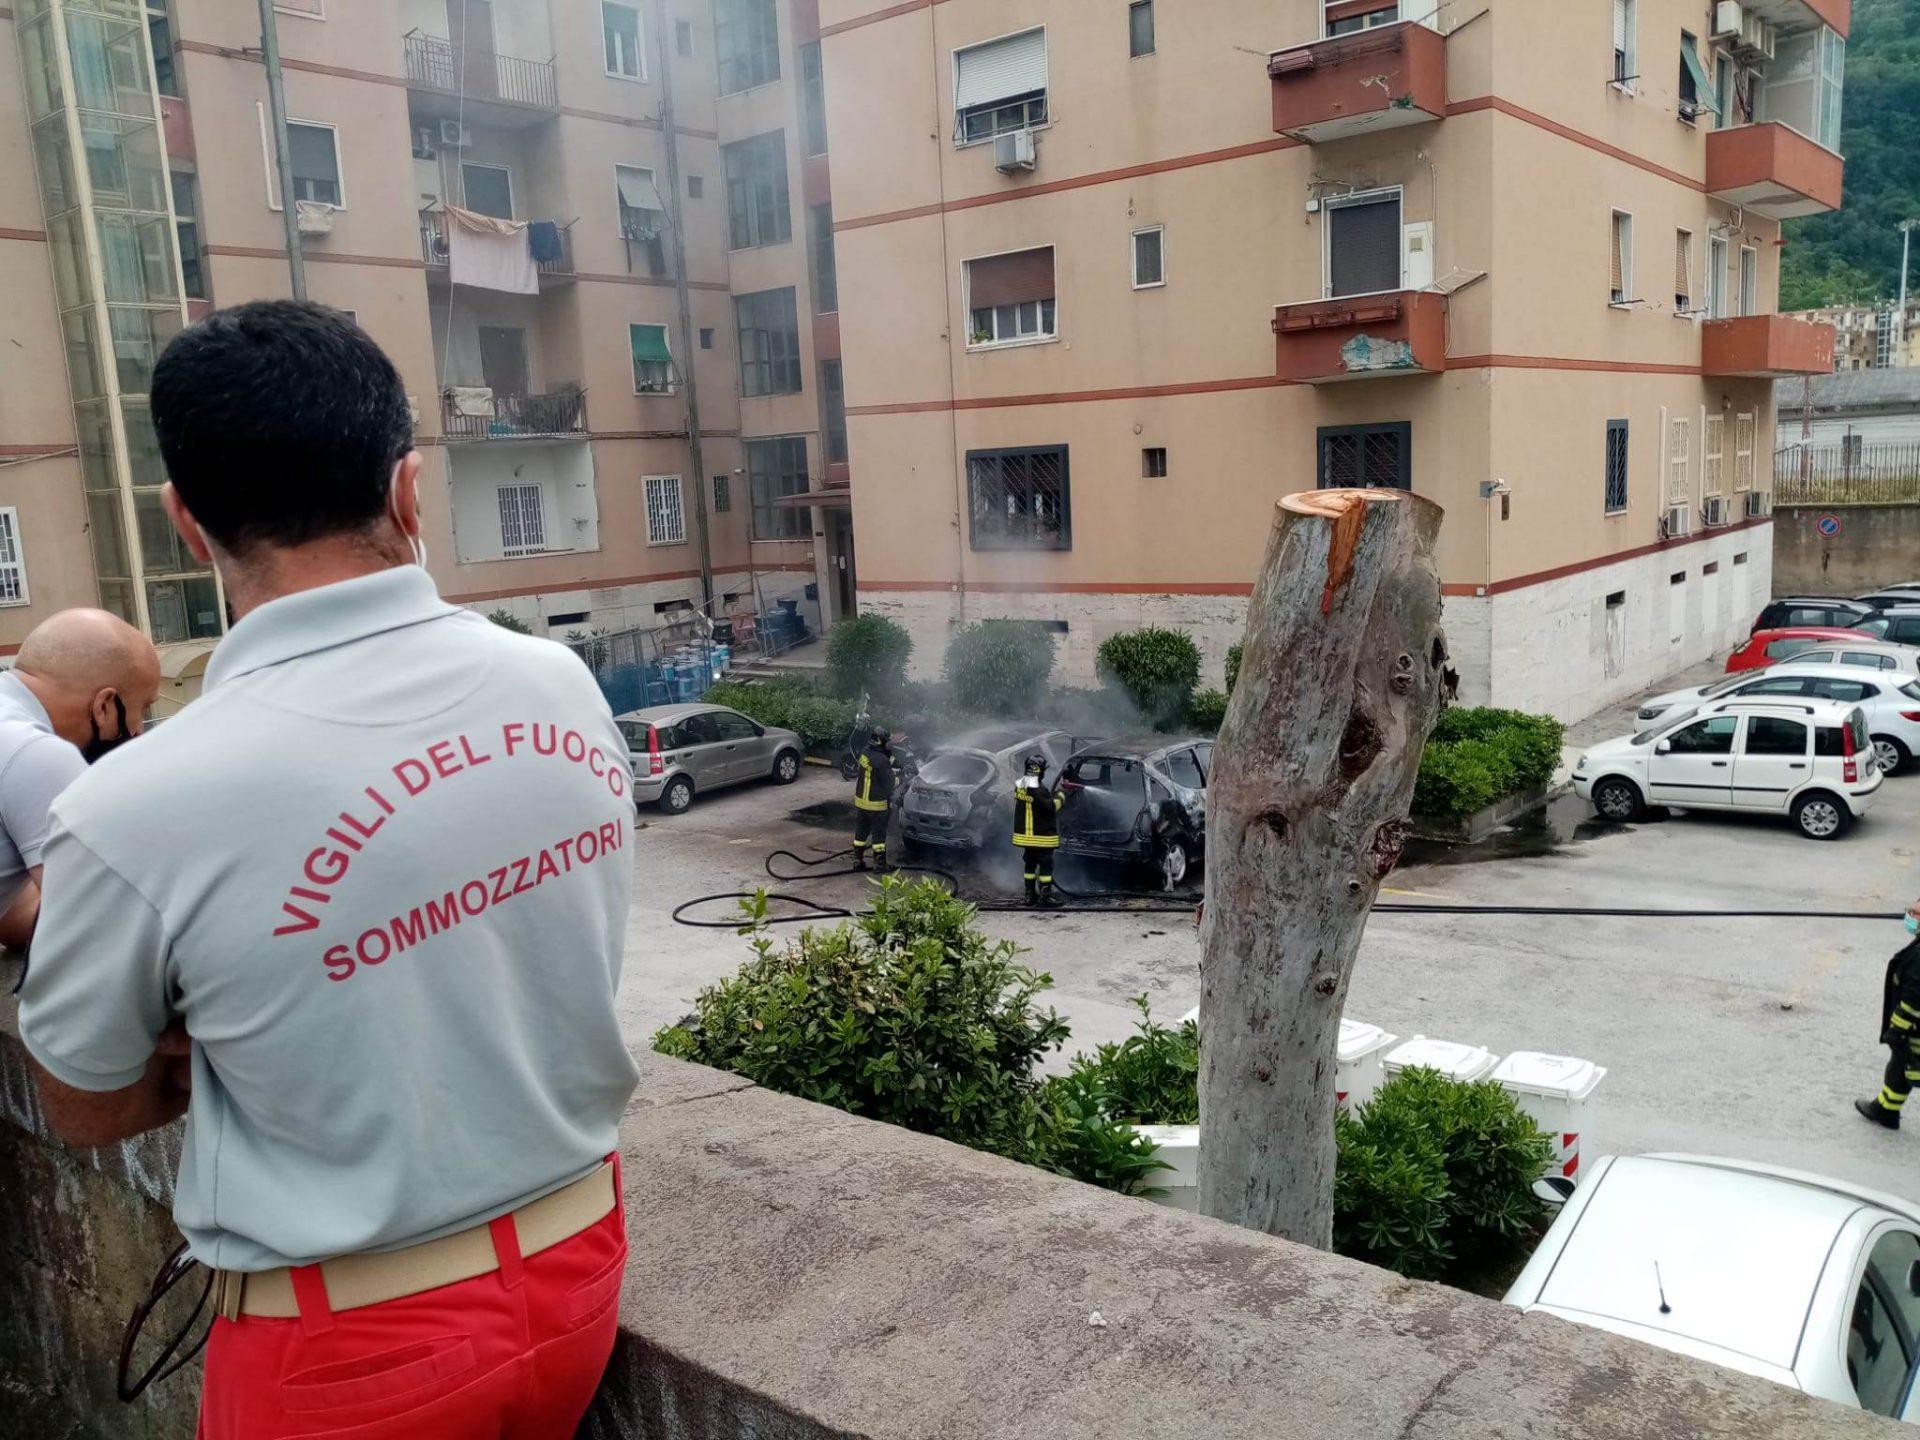 Fuorigrotta: paura per due auto in fiamme nel parco dei Ferrovieri [foto]